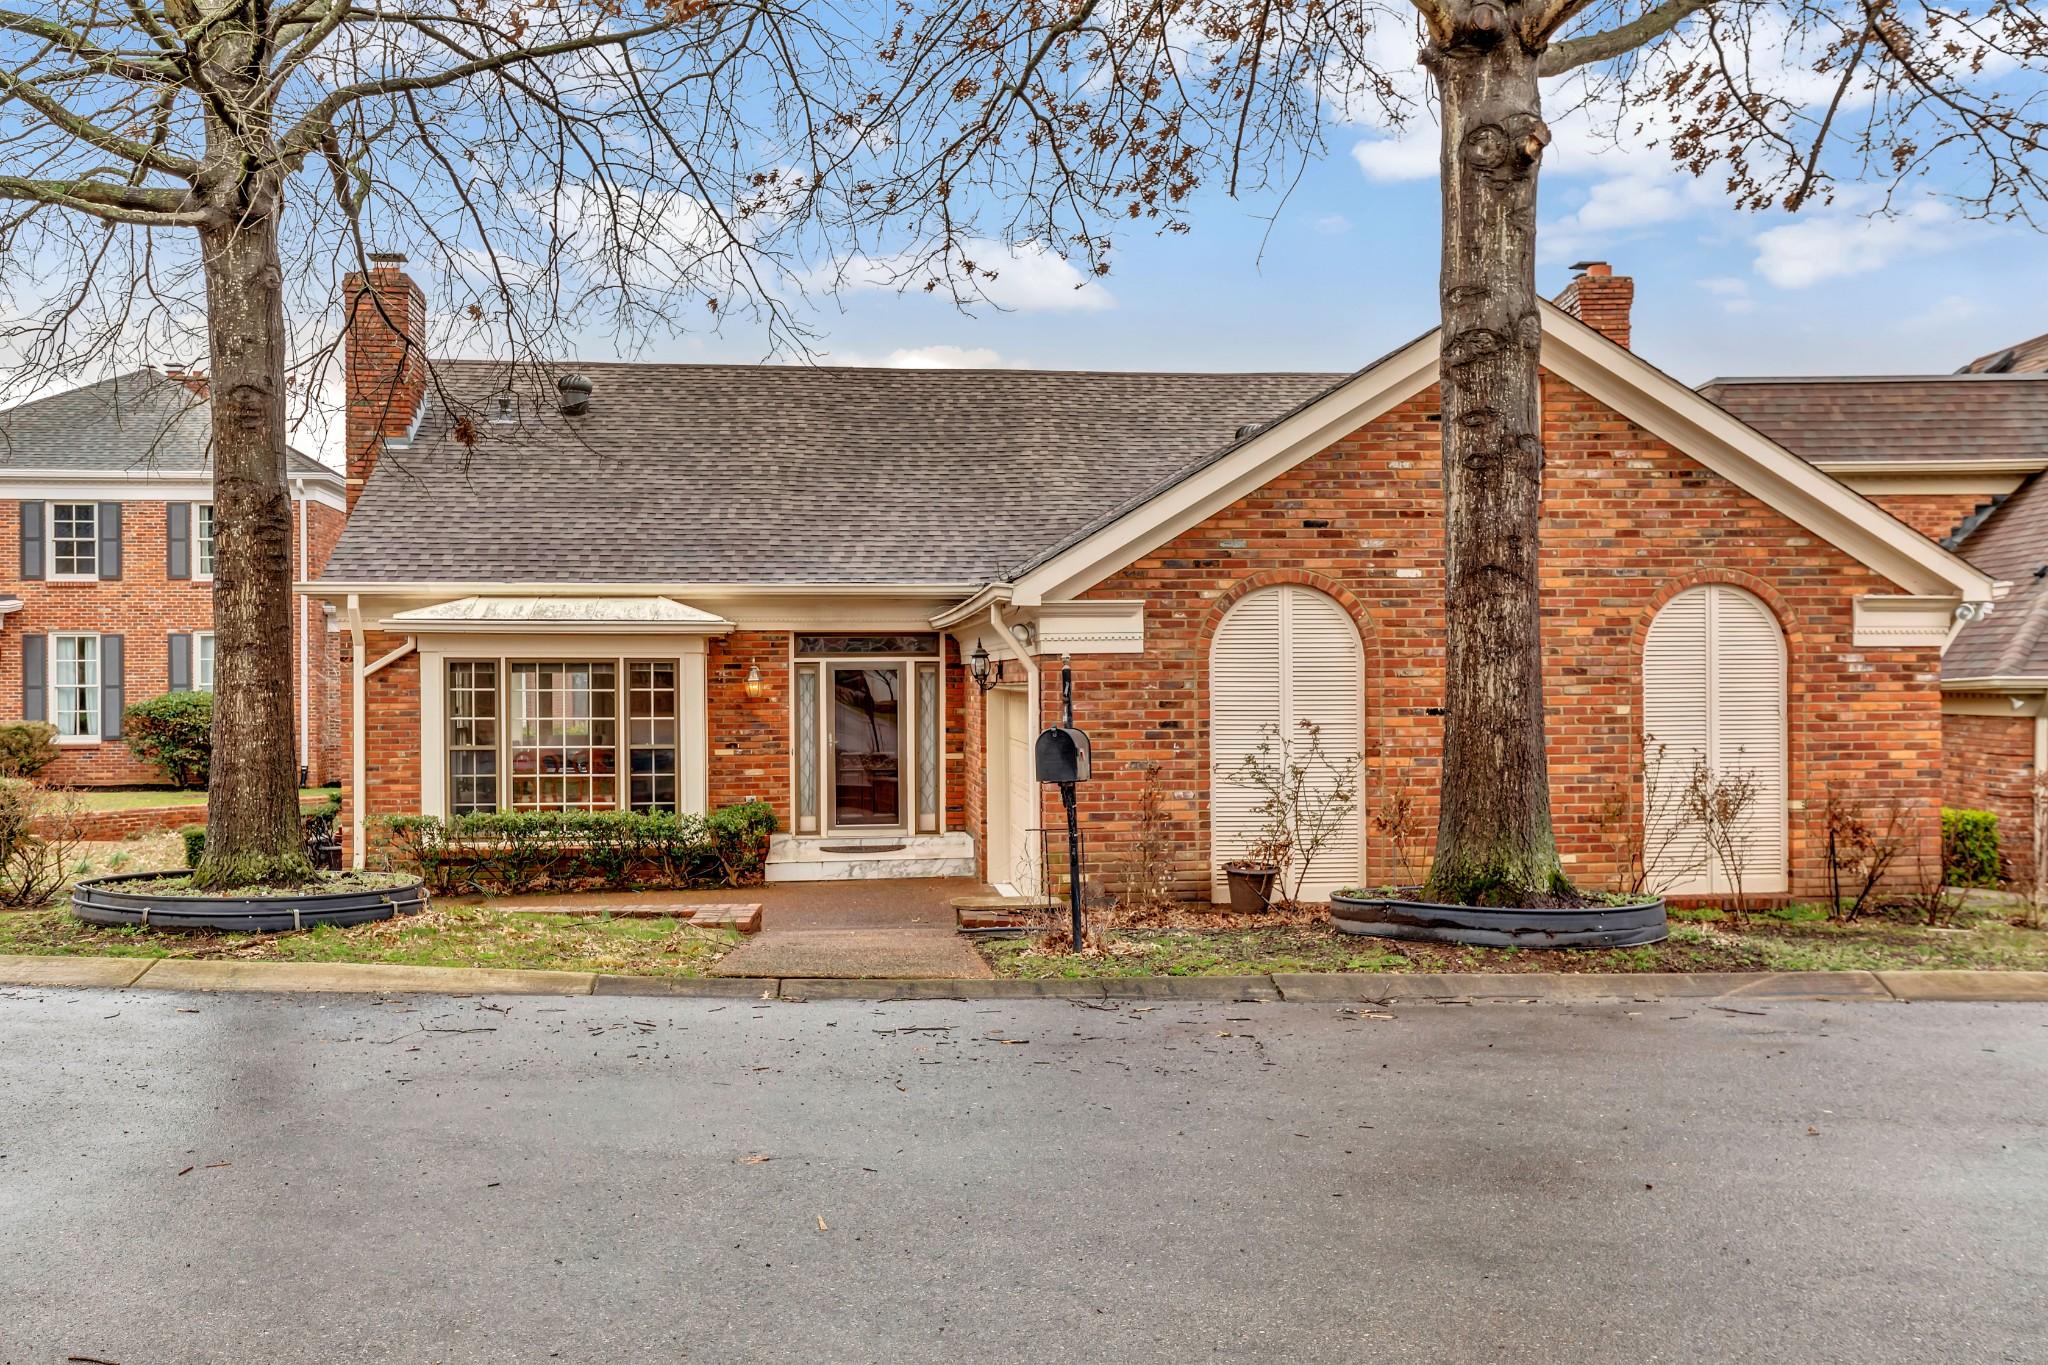 4113 Legend Hall Dr, Nashville, TN 37215 - Nashville, TN real estate listing